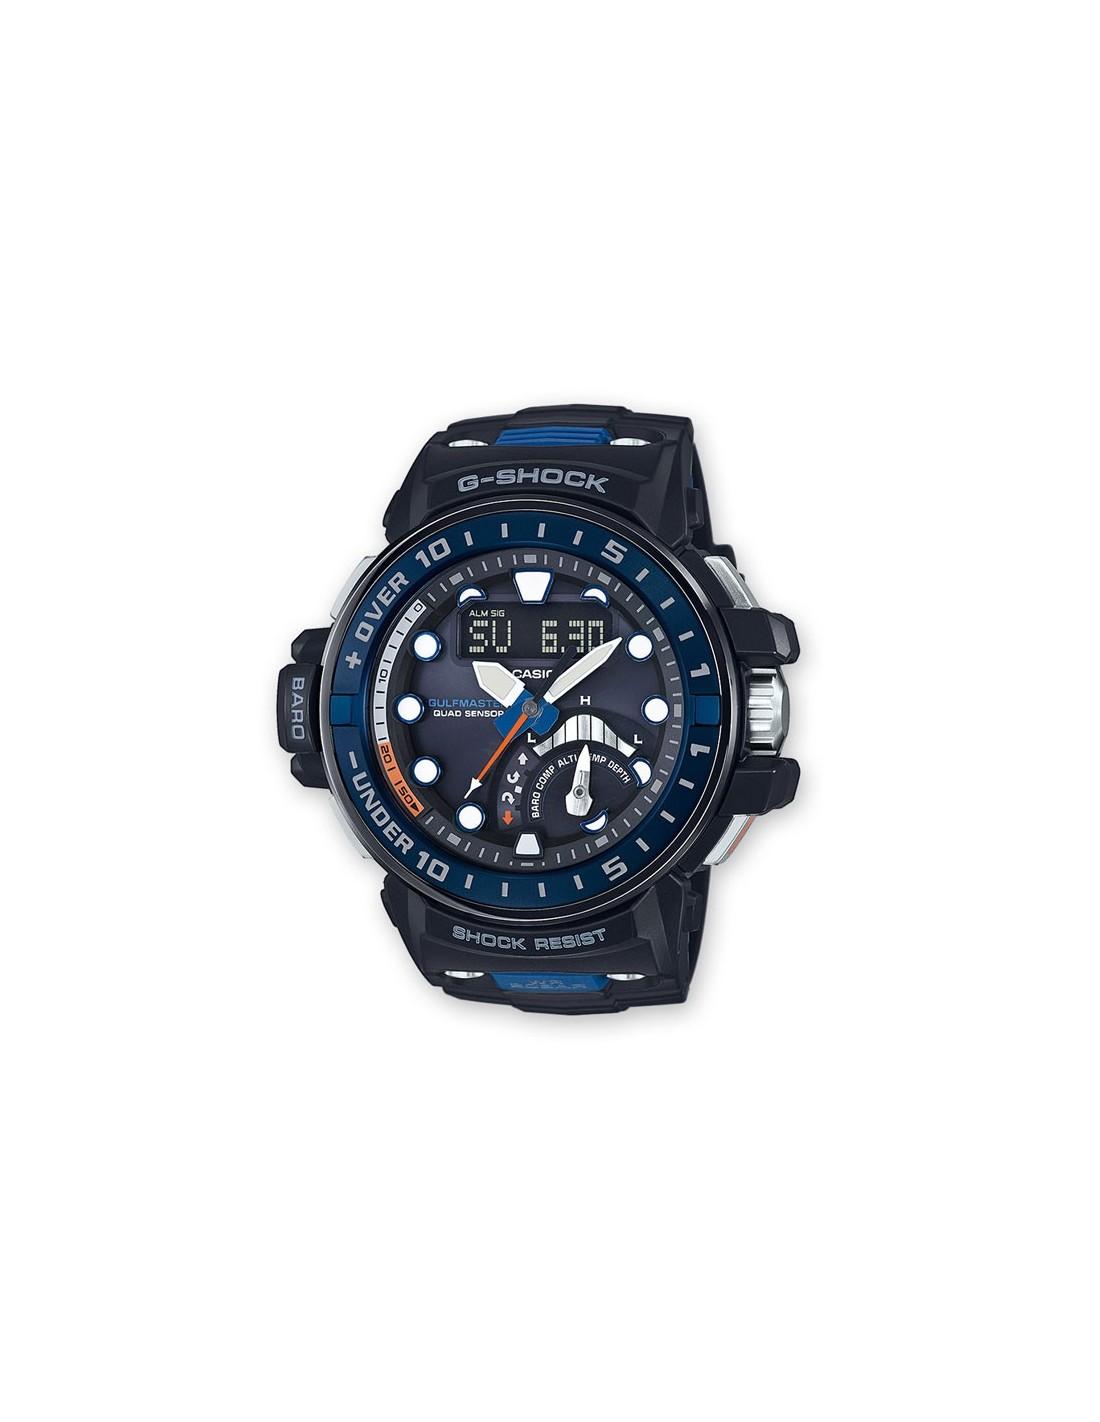 f82343364 GWN-Q1000-1AER | Casio G-Shock GULFMASTER QUAD SENSOR Watch GWN ...